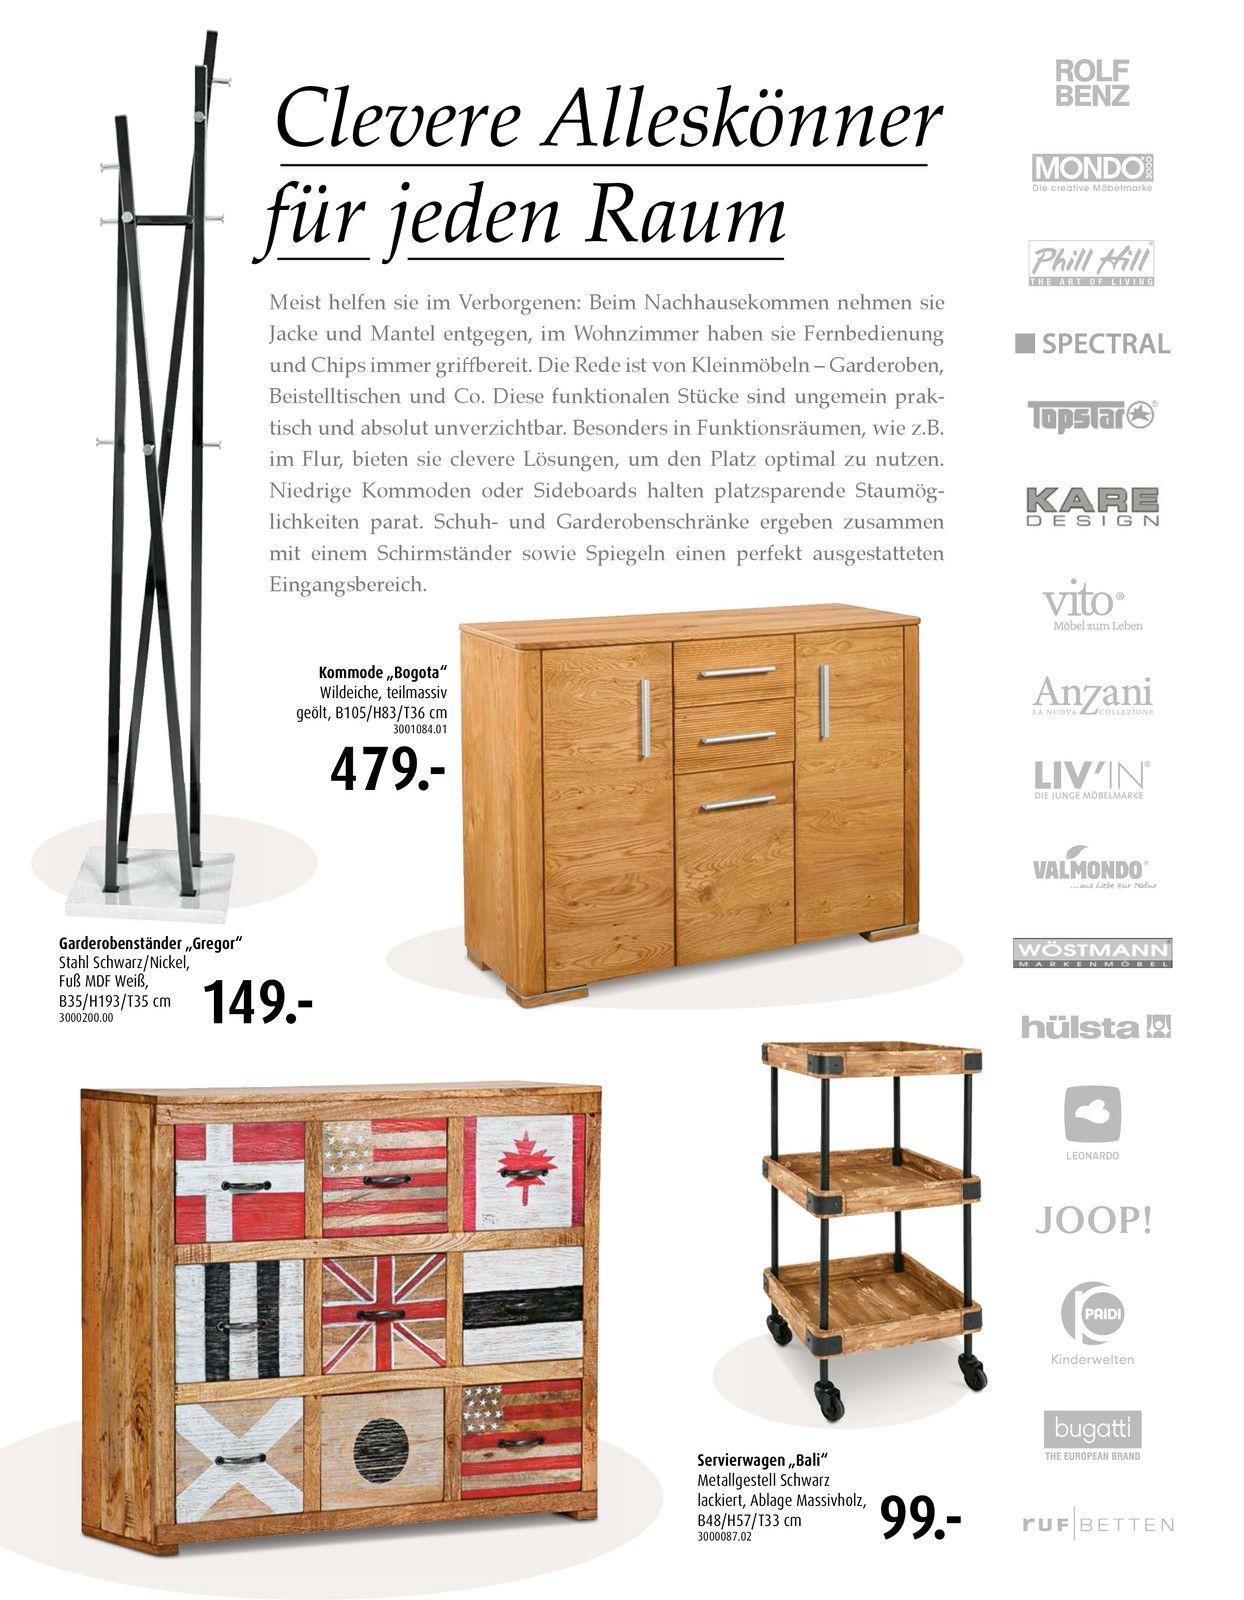 Elegant Joop Möbel Katalog Foto Von Aktueller Porta Möbel Prospekt, Wohnmagazin Und Von